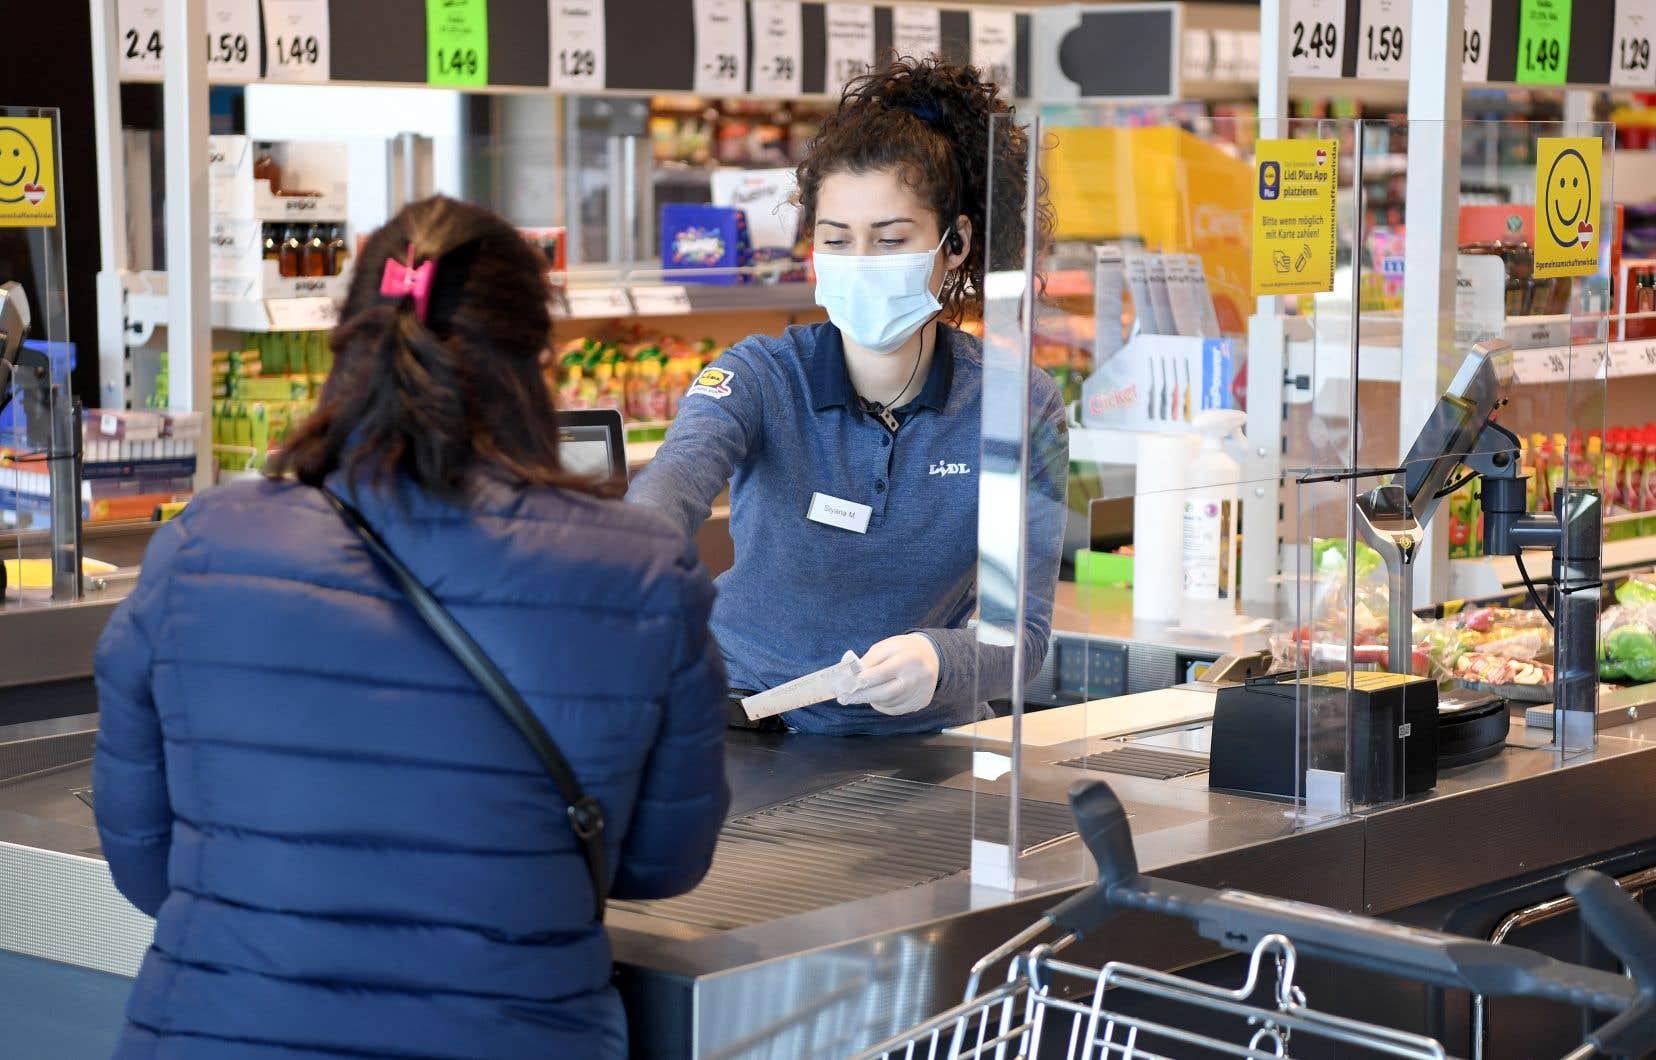 Dès le début de la pandémie, des équipes de chercheurs de l'IRSST ont étudié de nouveaux sujets, comme l'implantation efficace de parois d'acrylique dans les supermarchés.